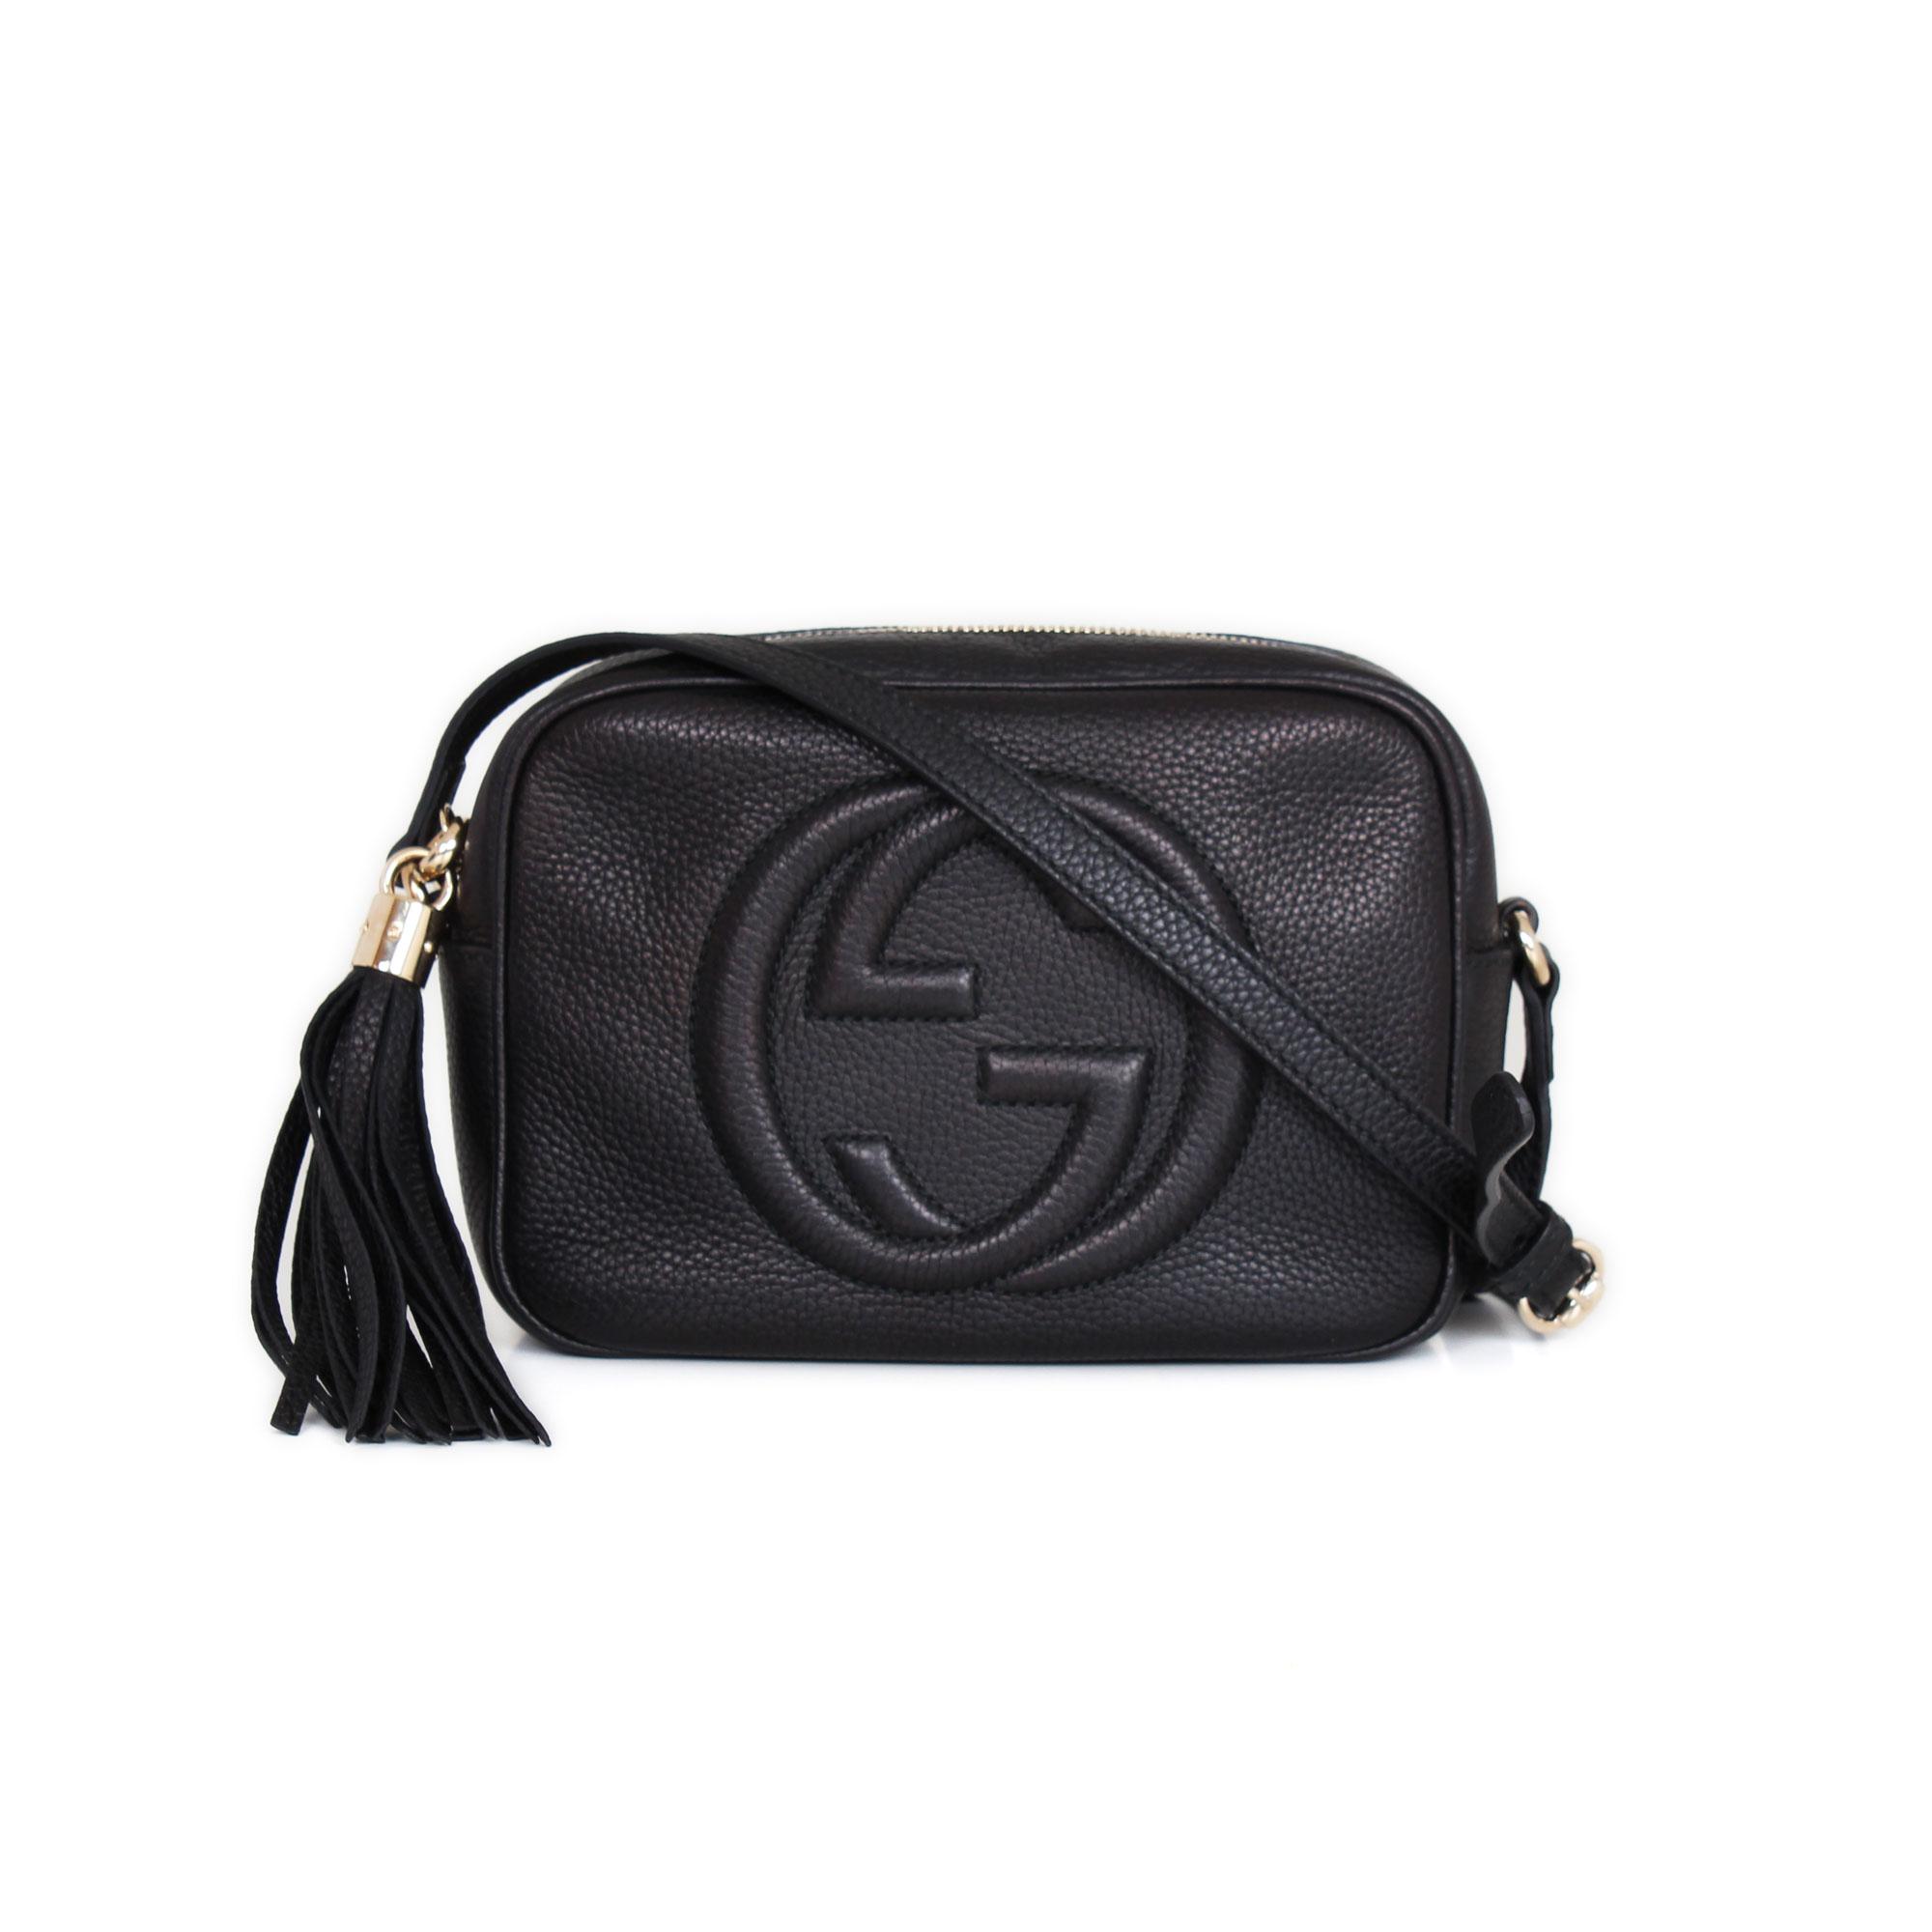 a49c20567 Comprar y vender bolsos segunda mano | Bolso Gucci | CBL Bags